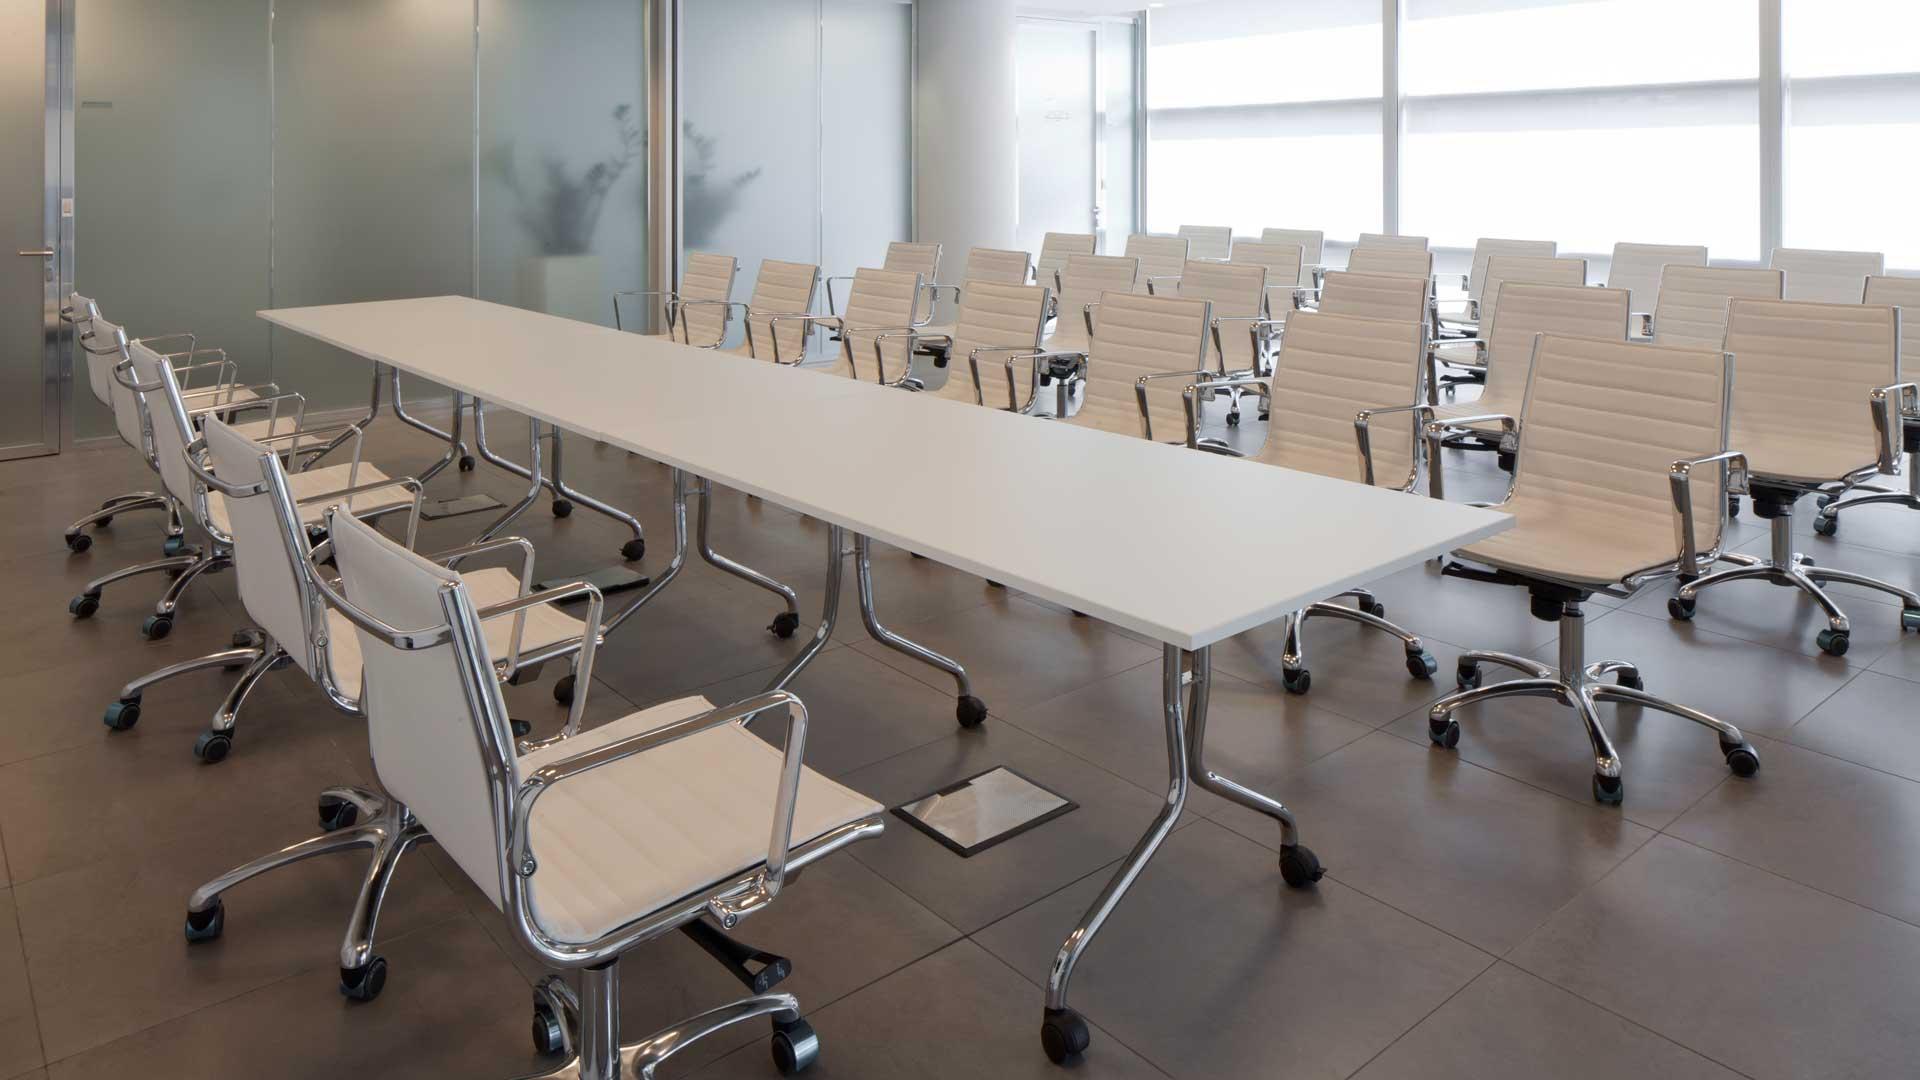 tavoli-su-ruote-Leo-Pharma-training-room-Level-Office-Landscape